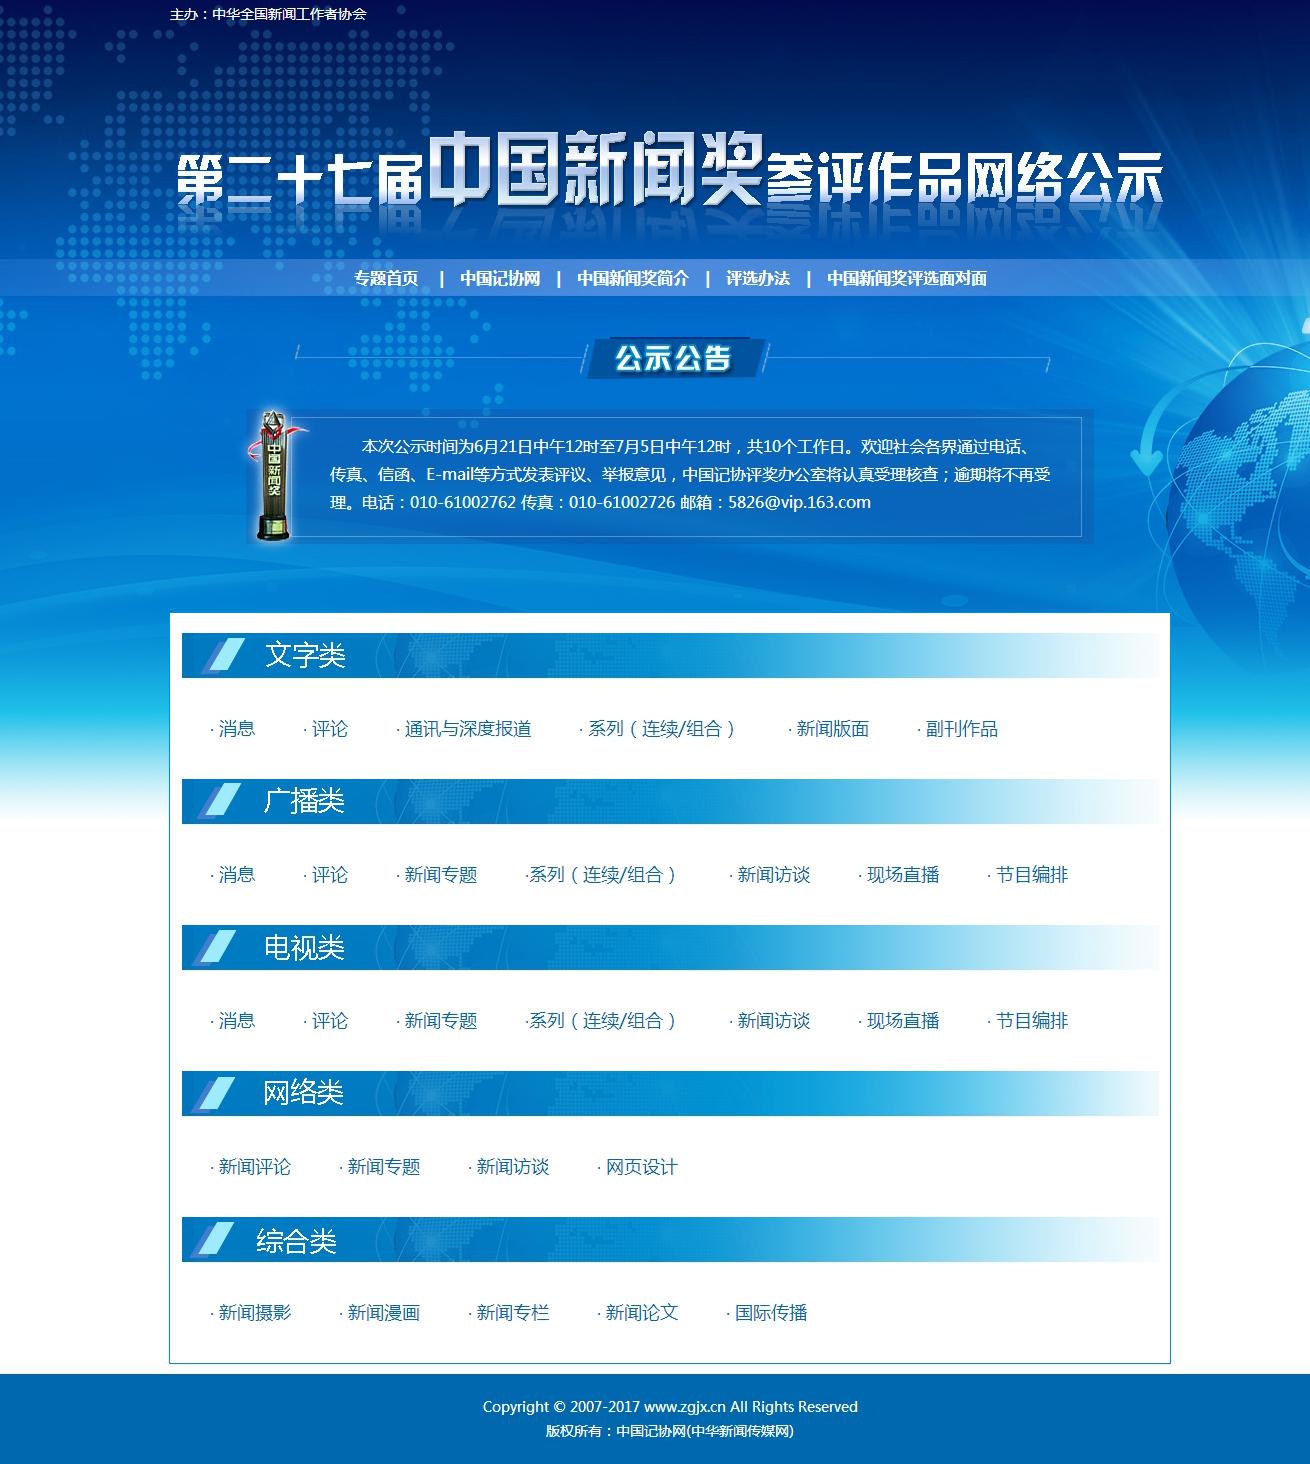 第二十七届中国新闻奖参评作品公示公告